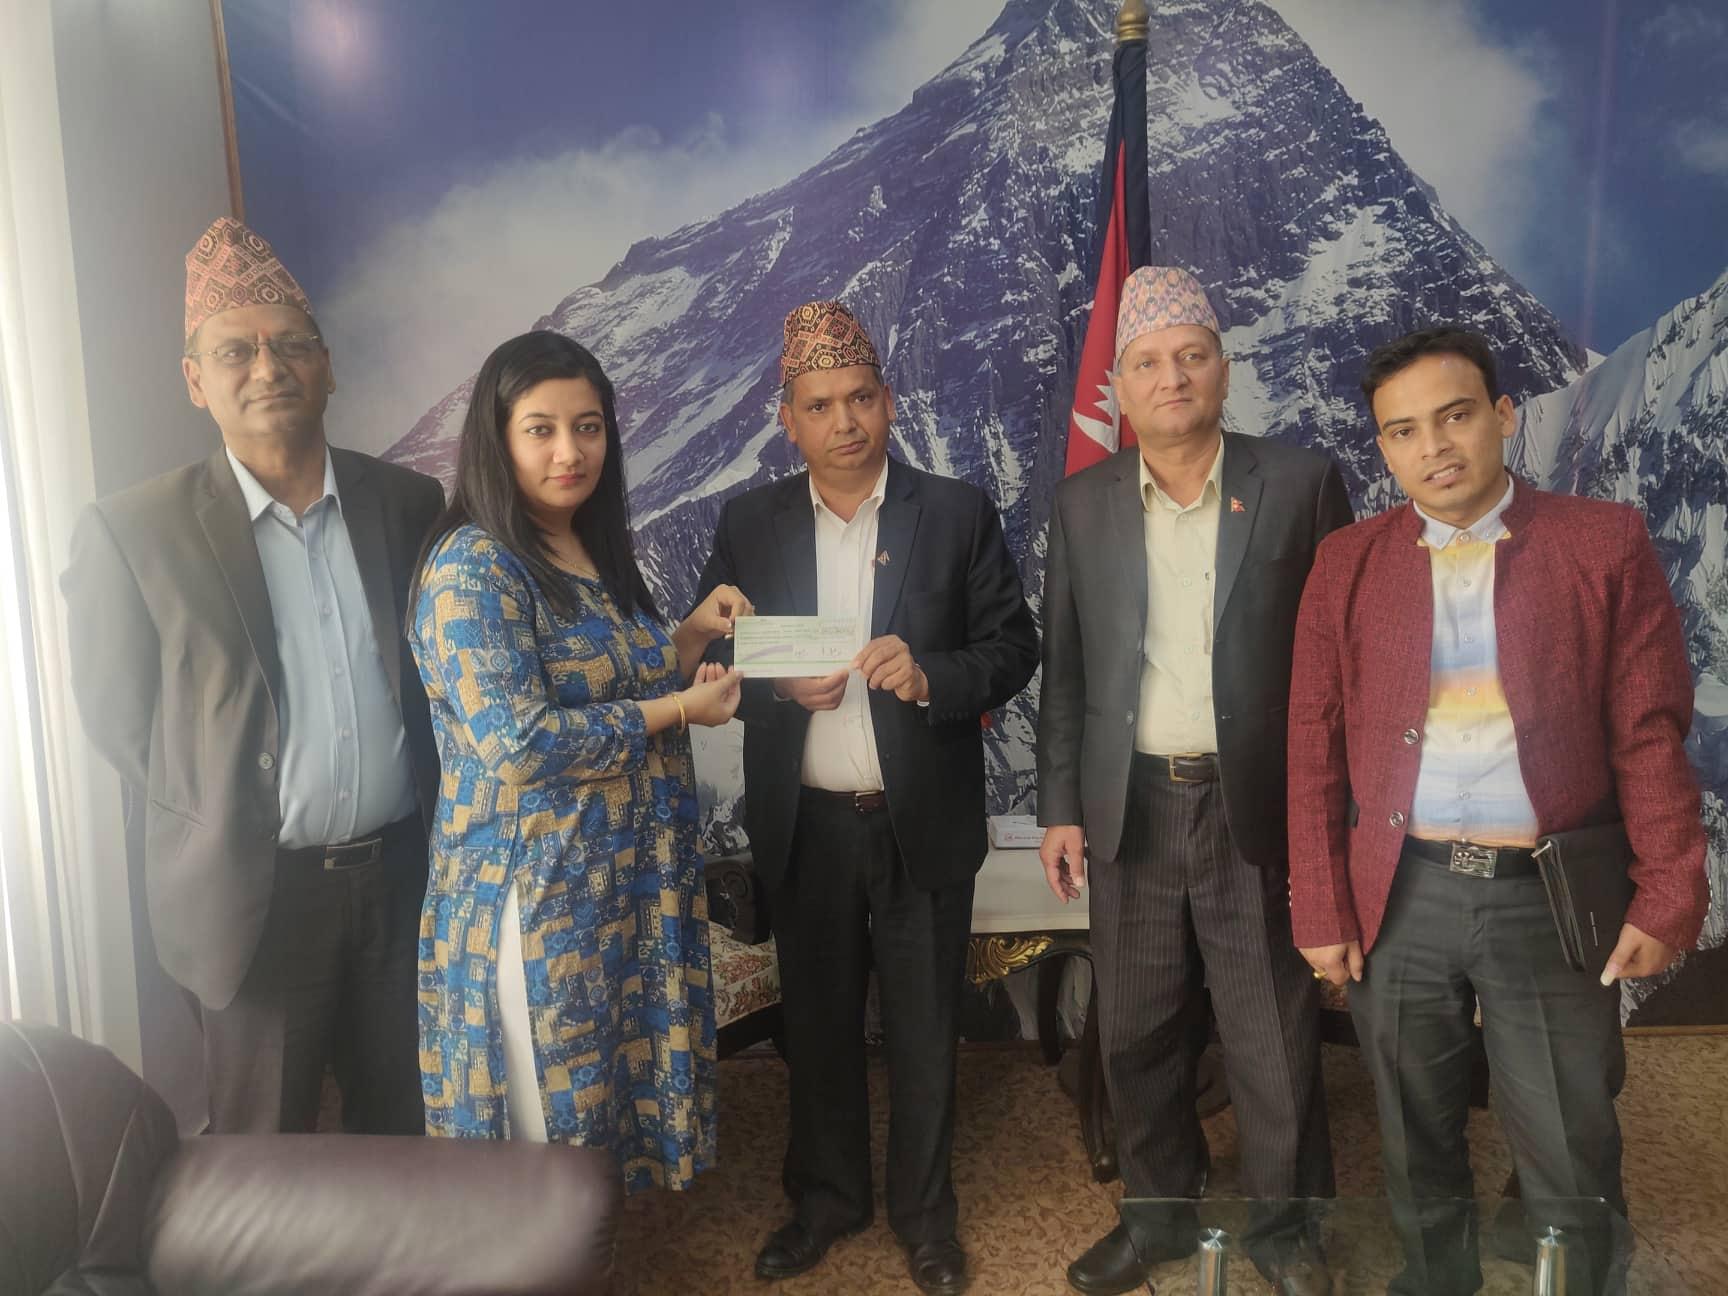 सिटिजन्स बैंकद्वारा प्रधानमन्त्री प्रकोप उद्धार कोषमा १० लाख ३७ हजार रुपैयाँ जमा